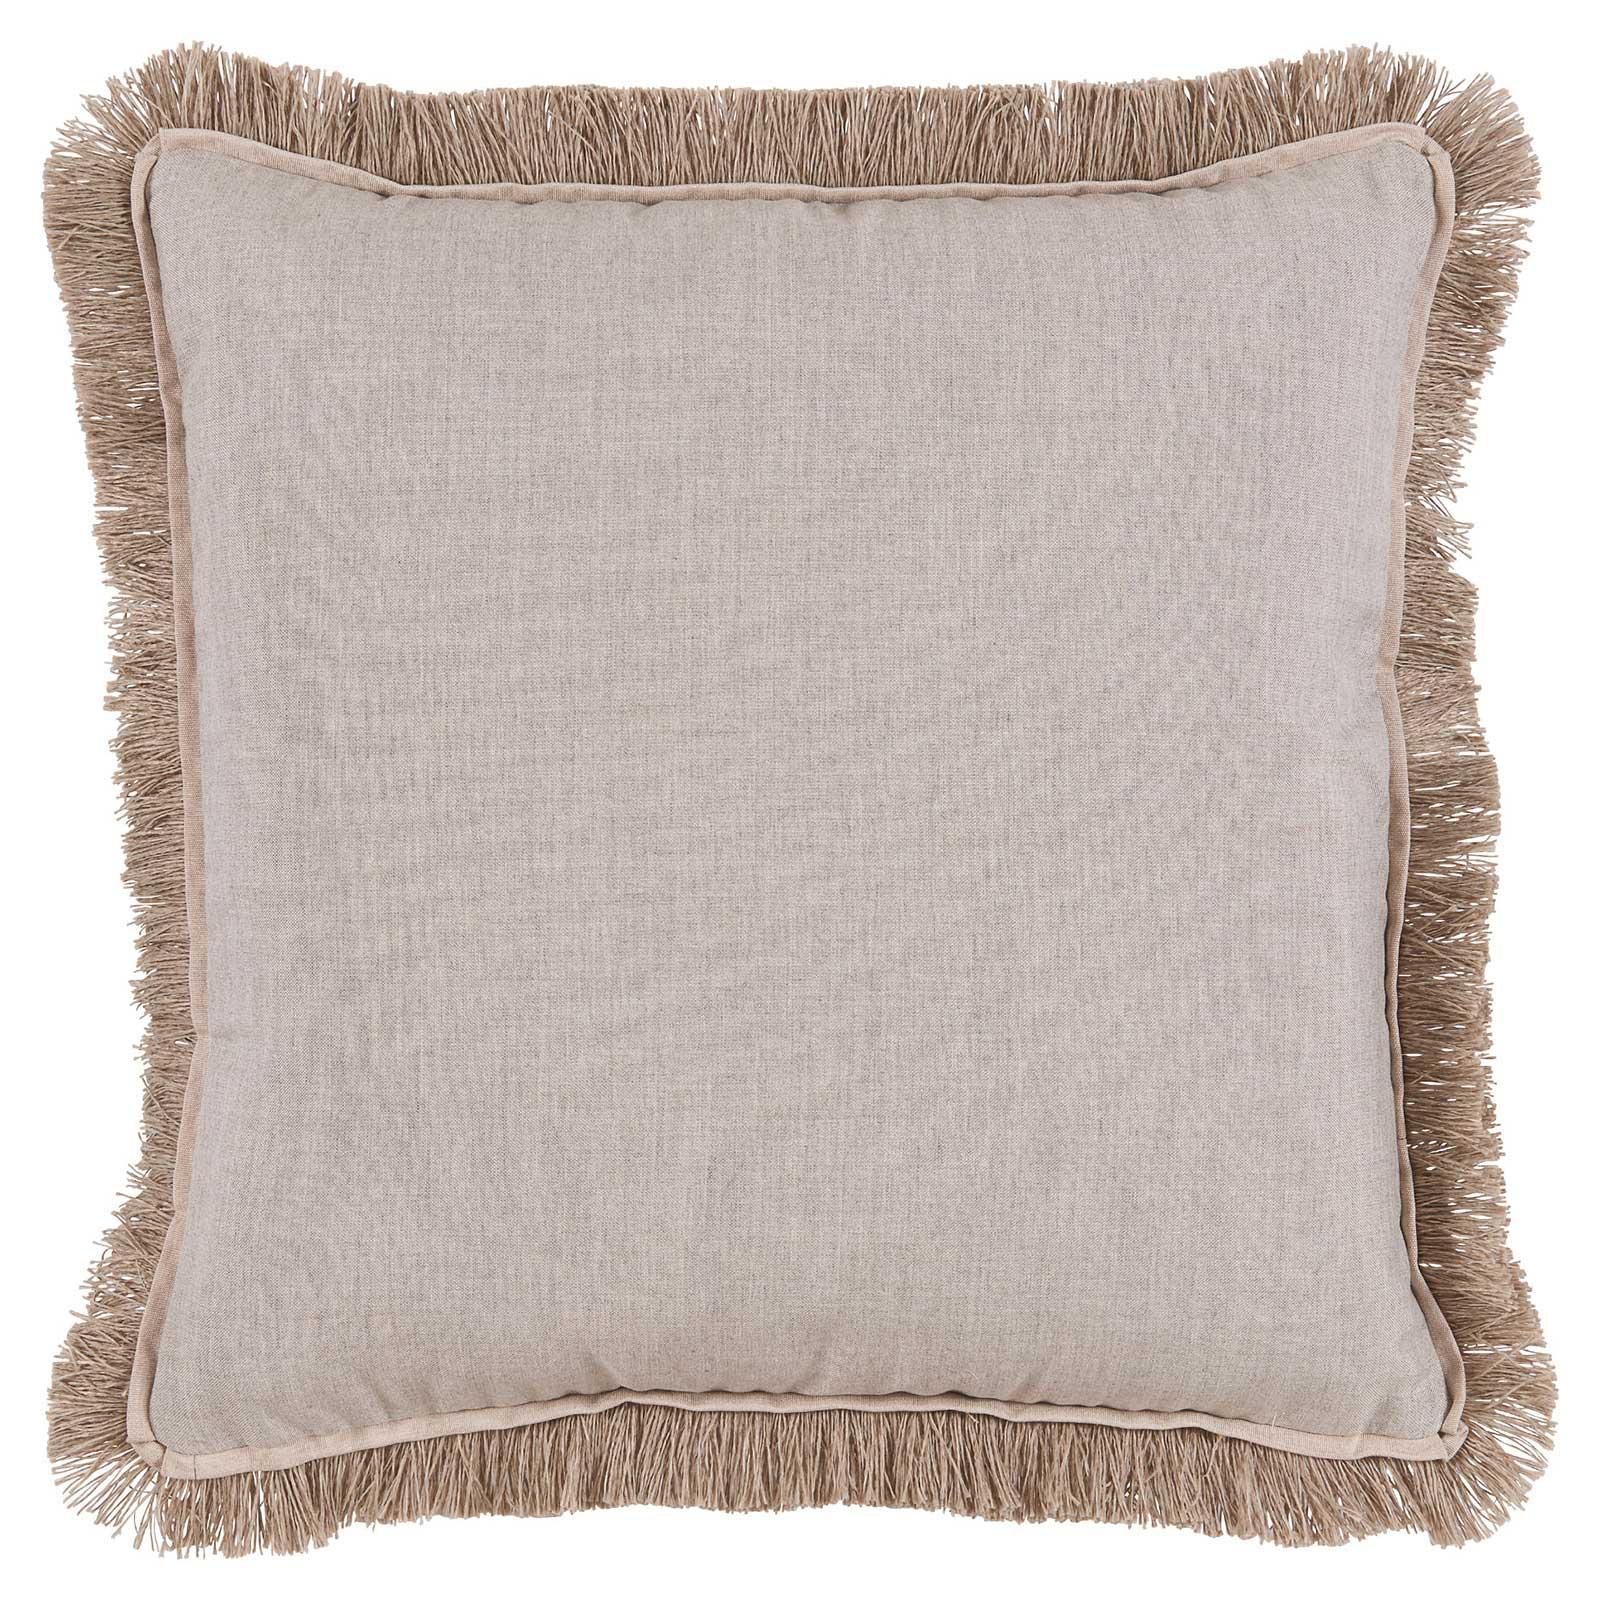 Talli Regency Fringe Silver Outdoor Pillow - 20x20